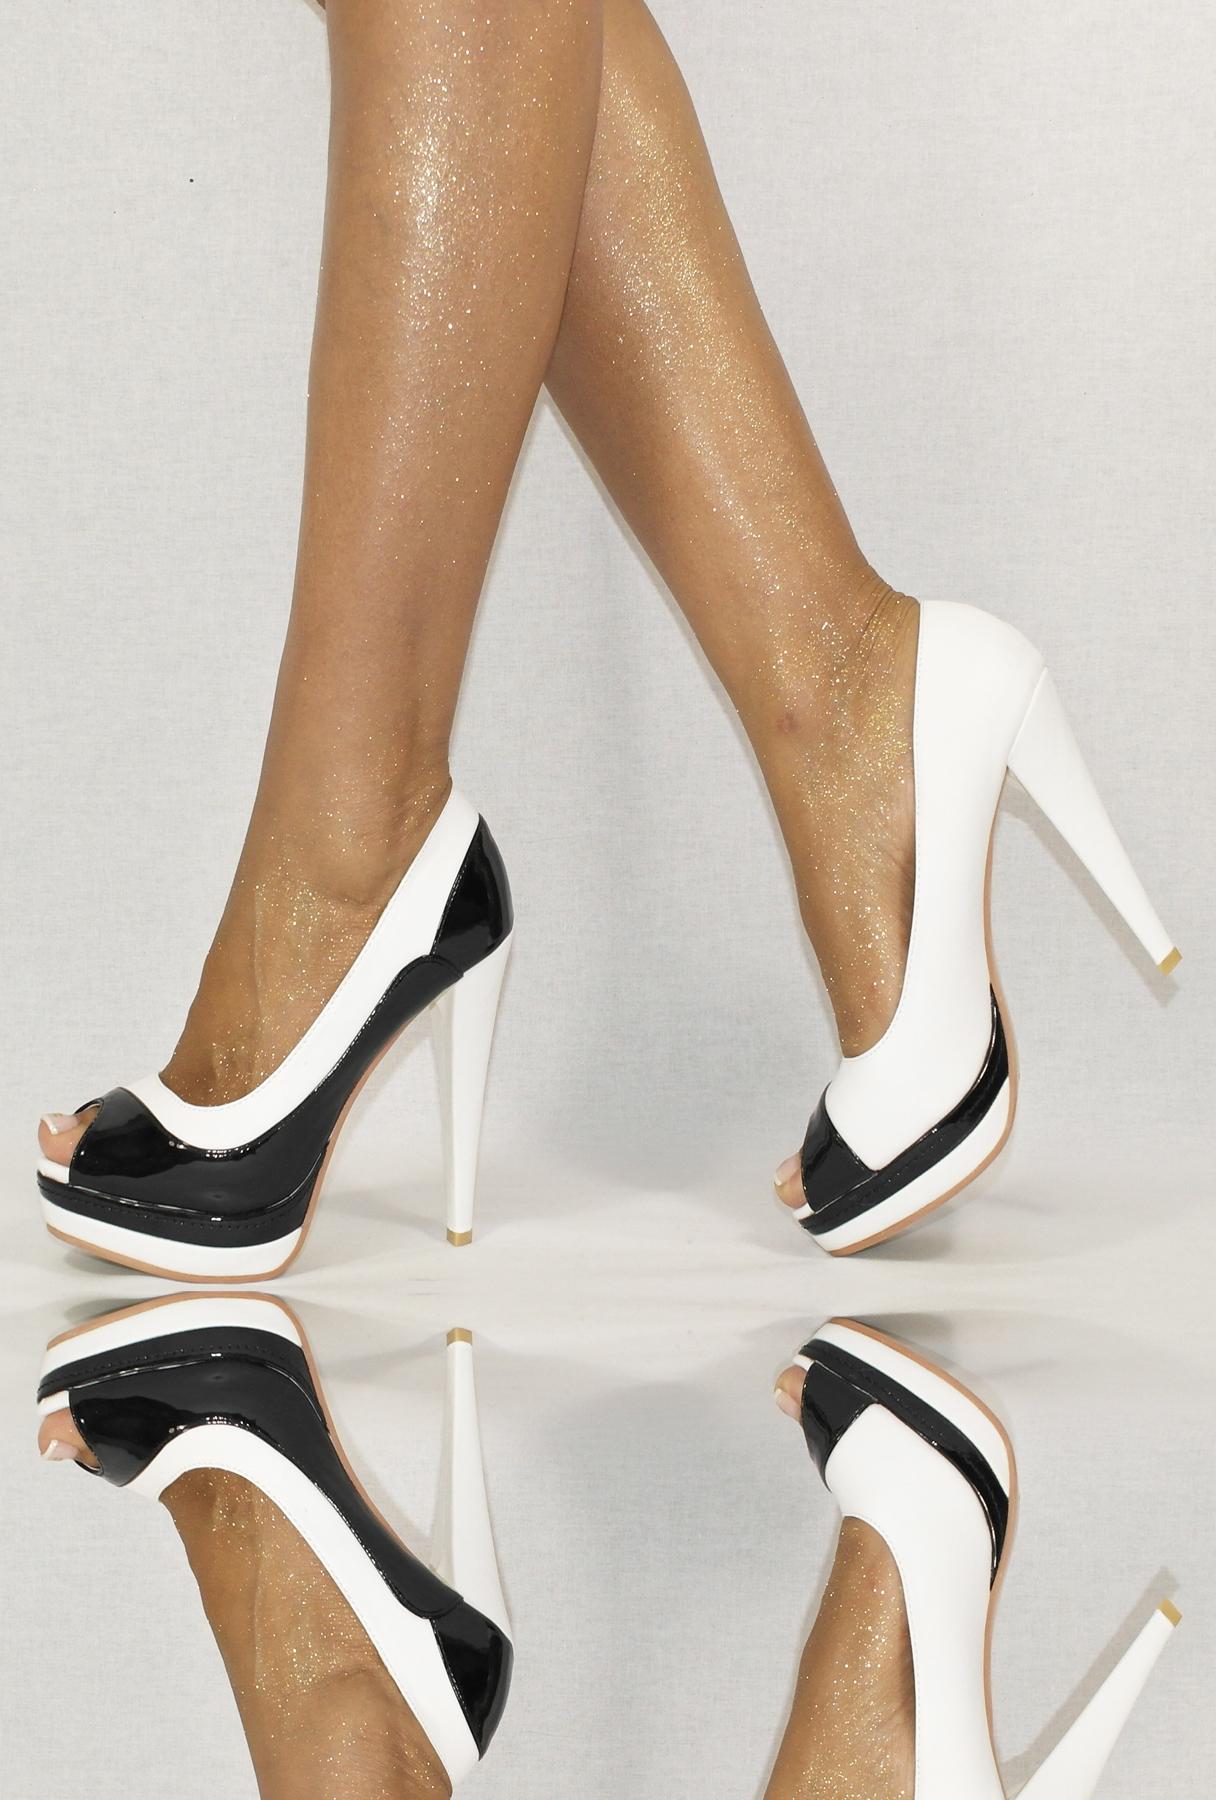 womens shoes pumps black red brown white 36 41 platform. Black Bedroom Furniture Sets. Home Design Ideas